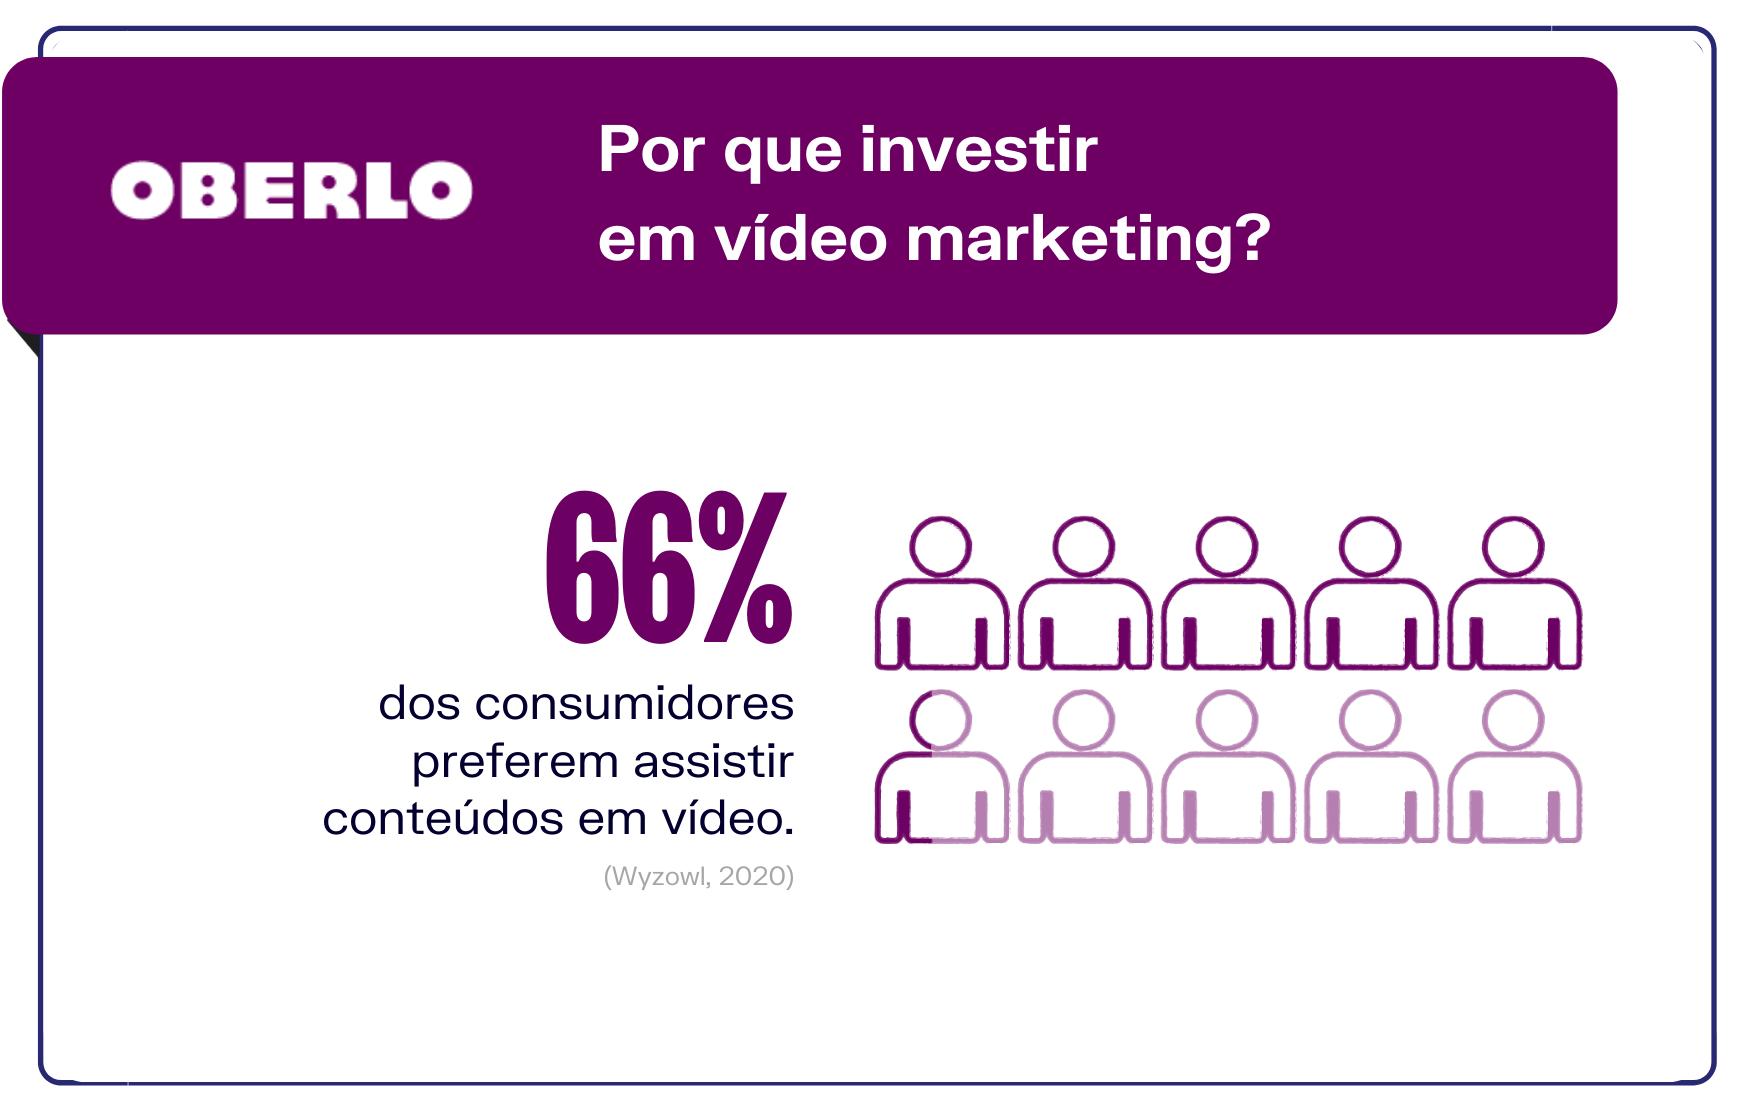 Por que investir em vídeo marketing?